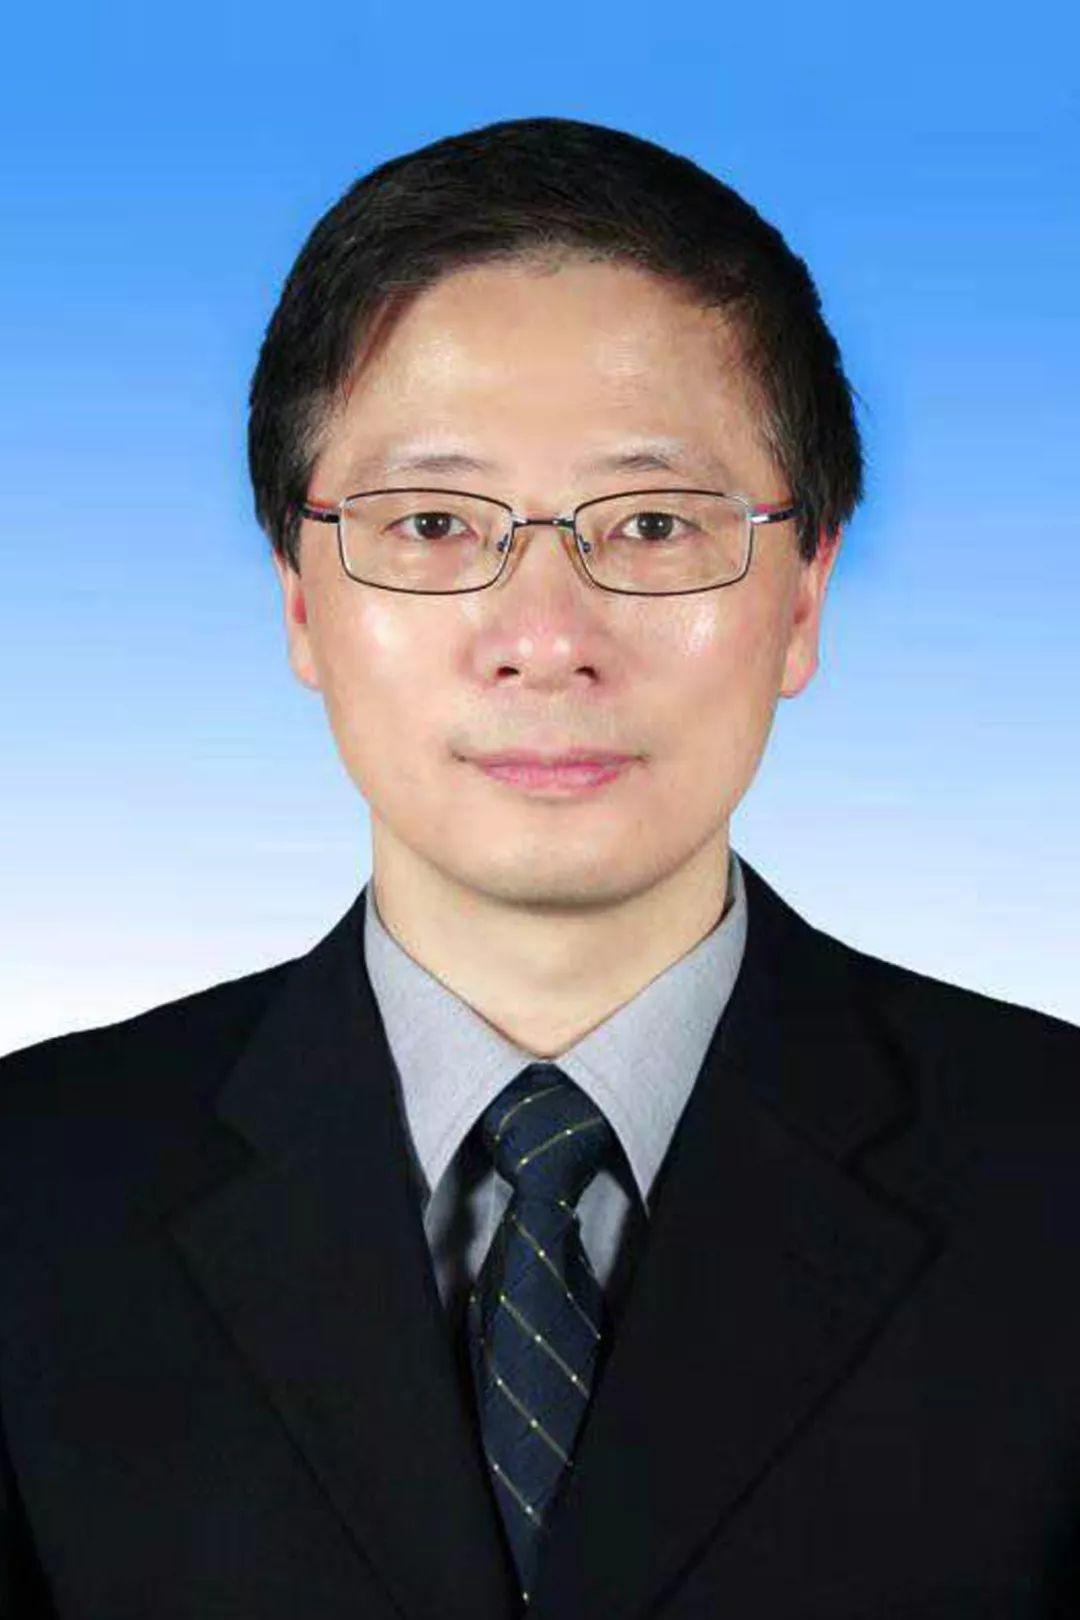 http://www.whtlwz.com/qichejiaxing/49878.html